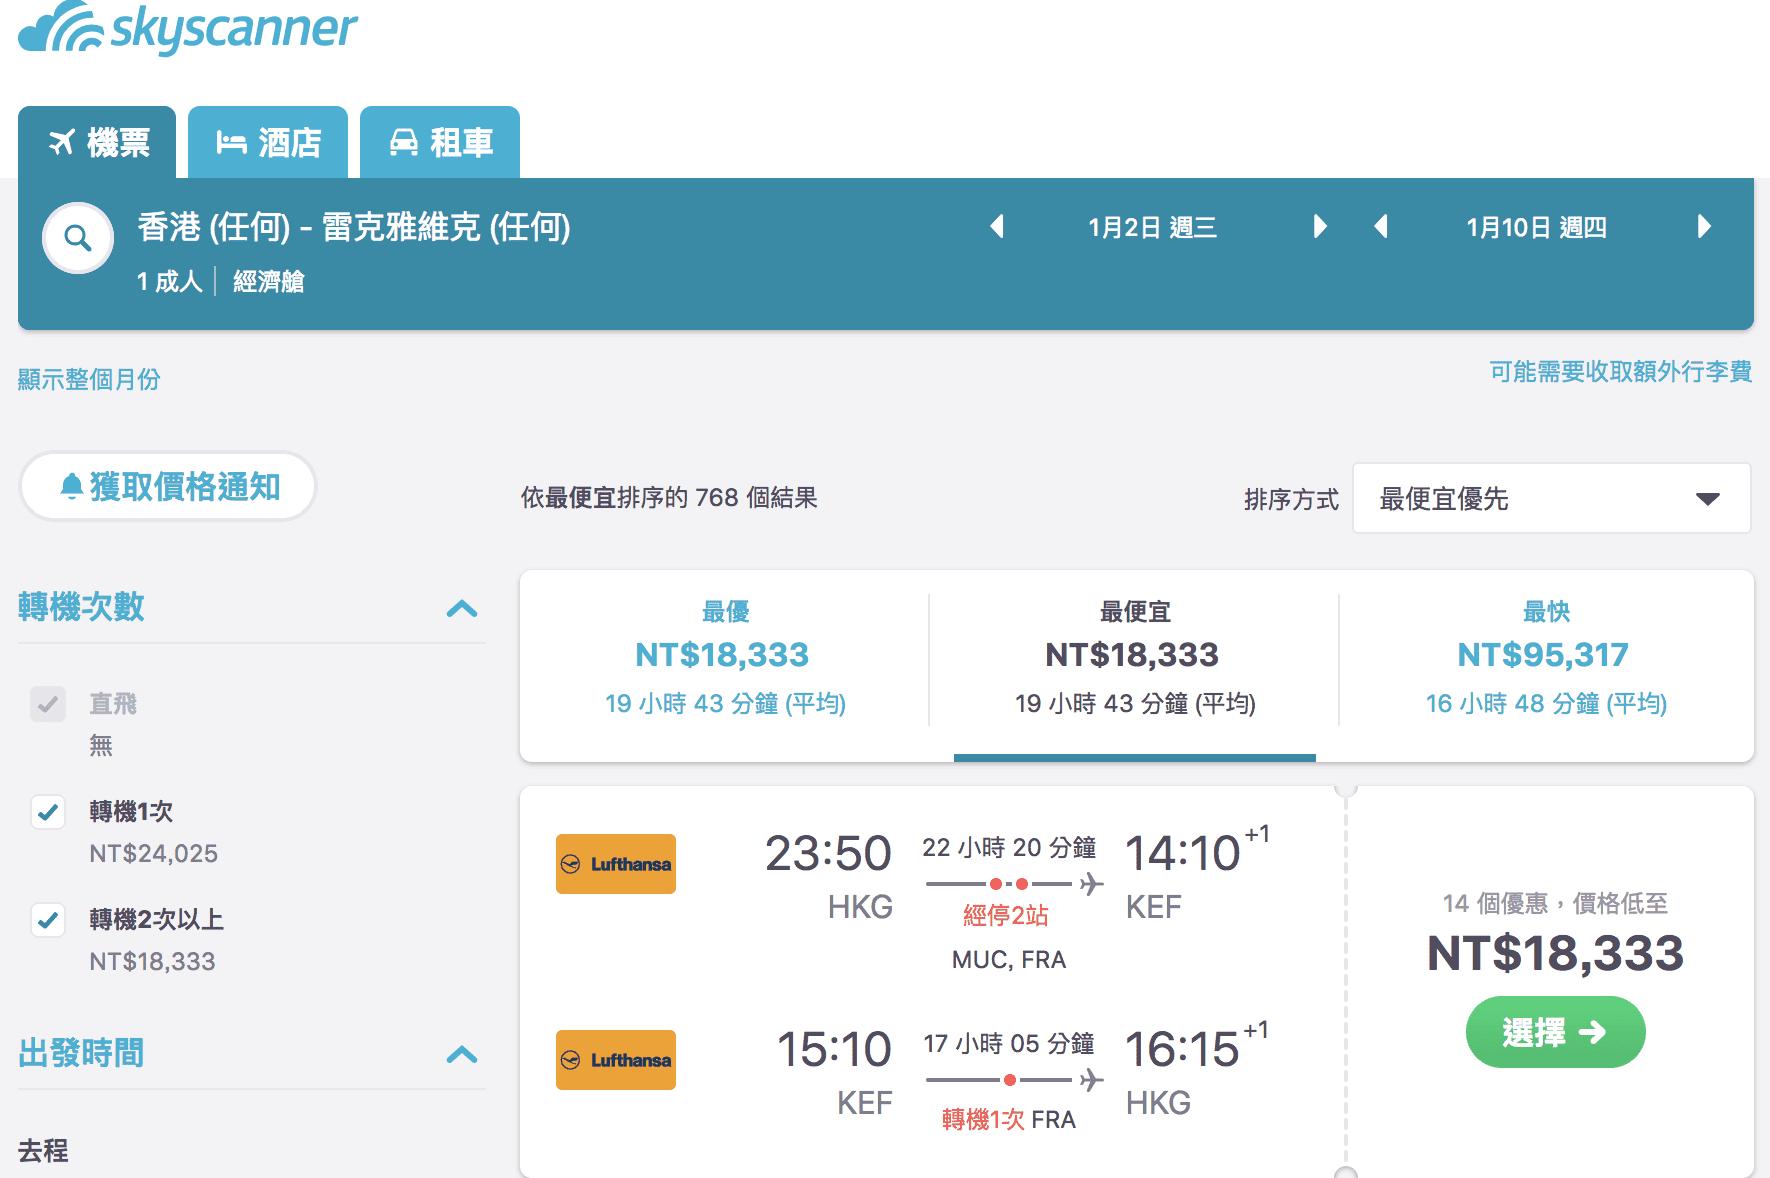 網站近期文章:漢莎航空冬季春季特價,外站香港出發、冰島布拉格最低13K起~(查票:107.8.11)